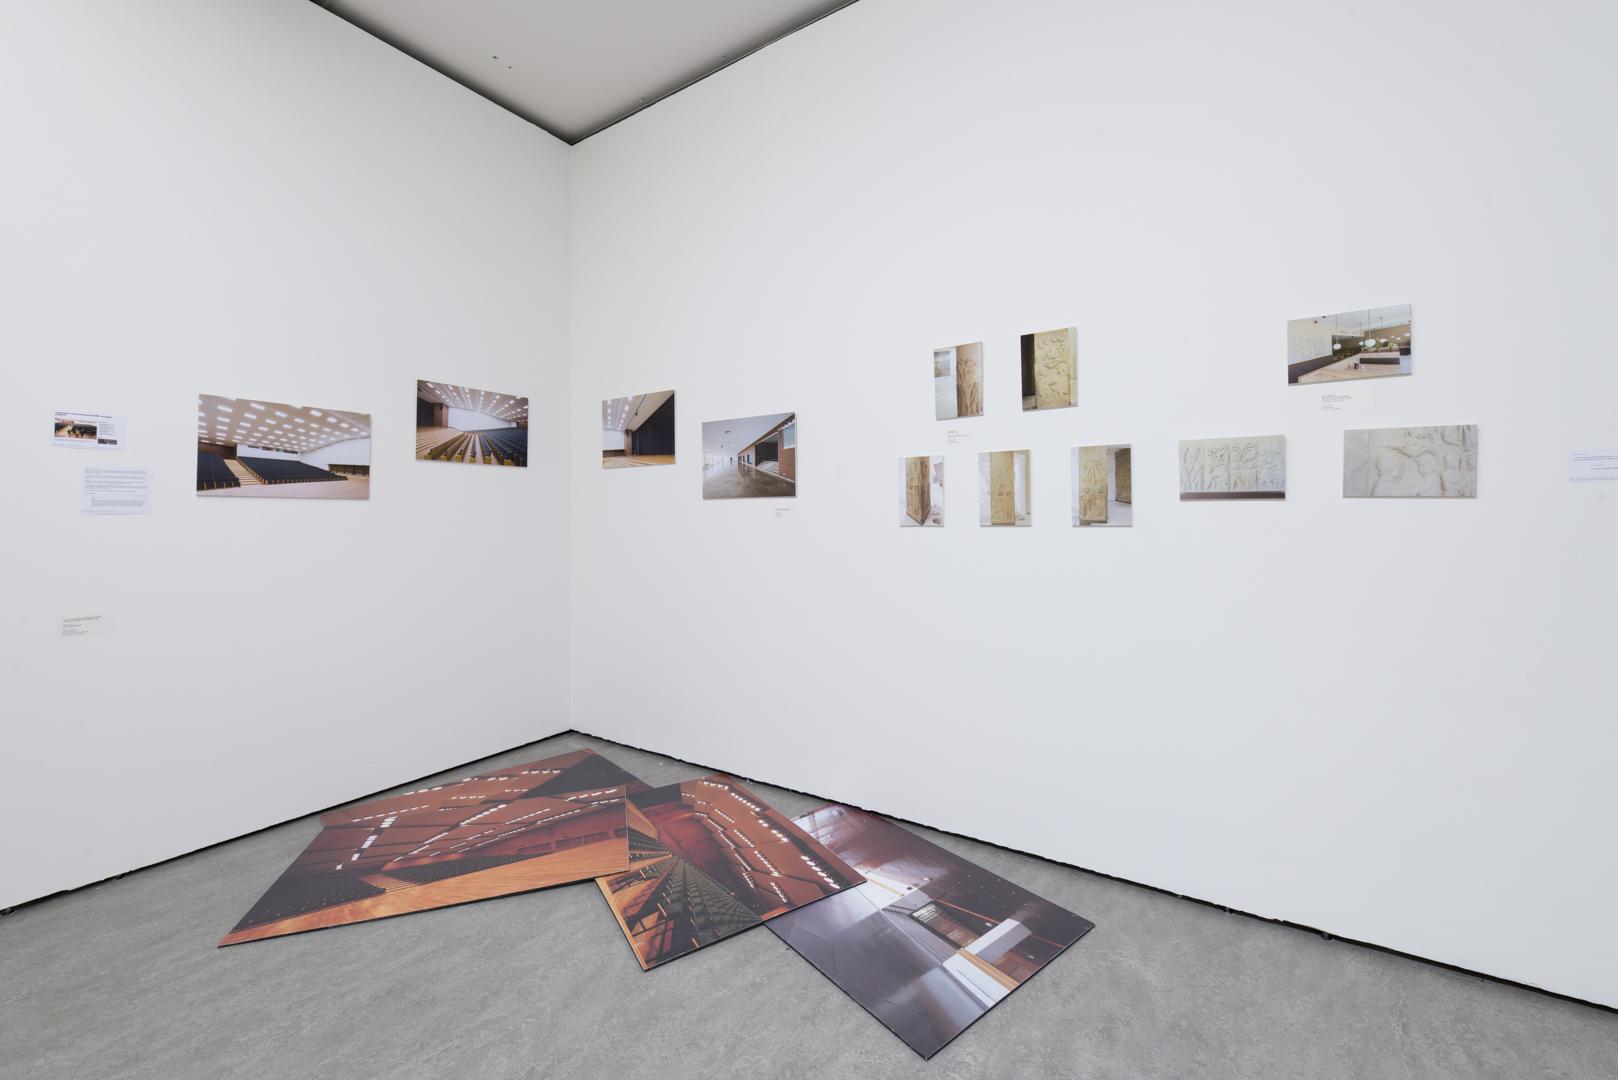 Tormiar, widok wystawy